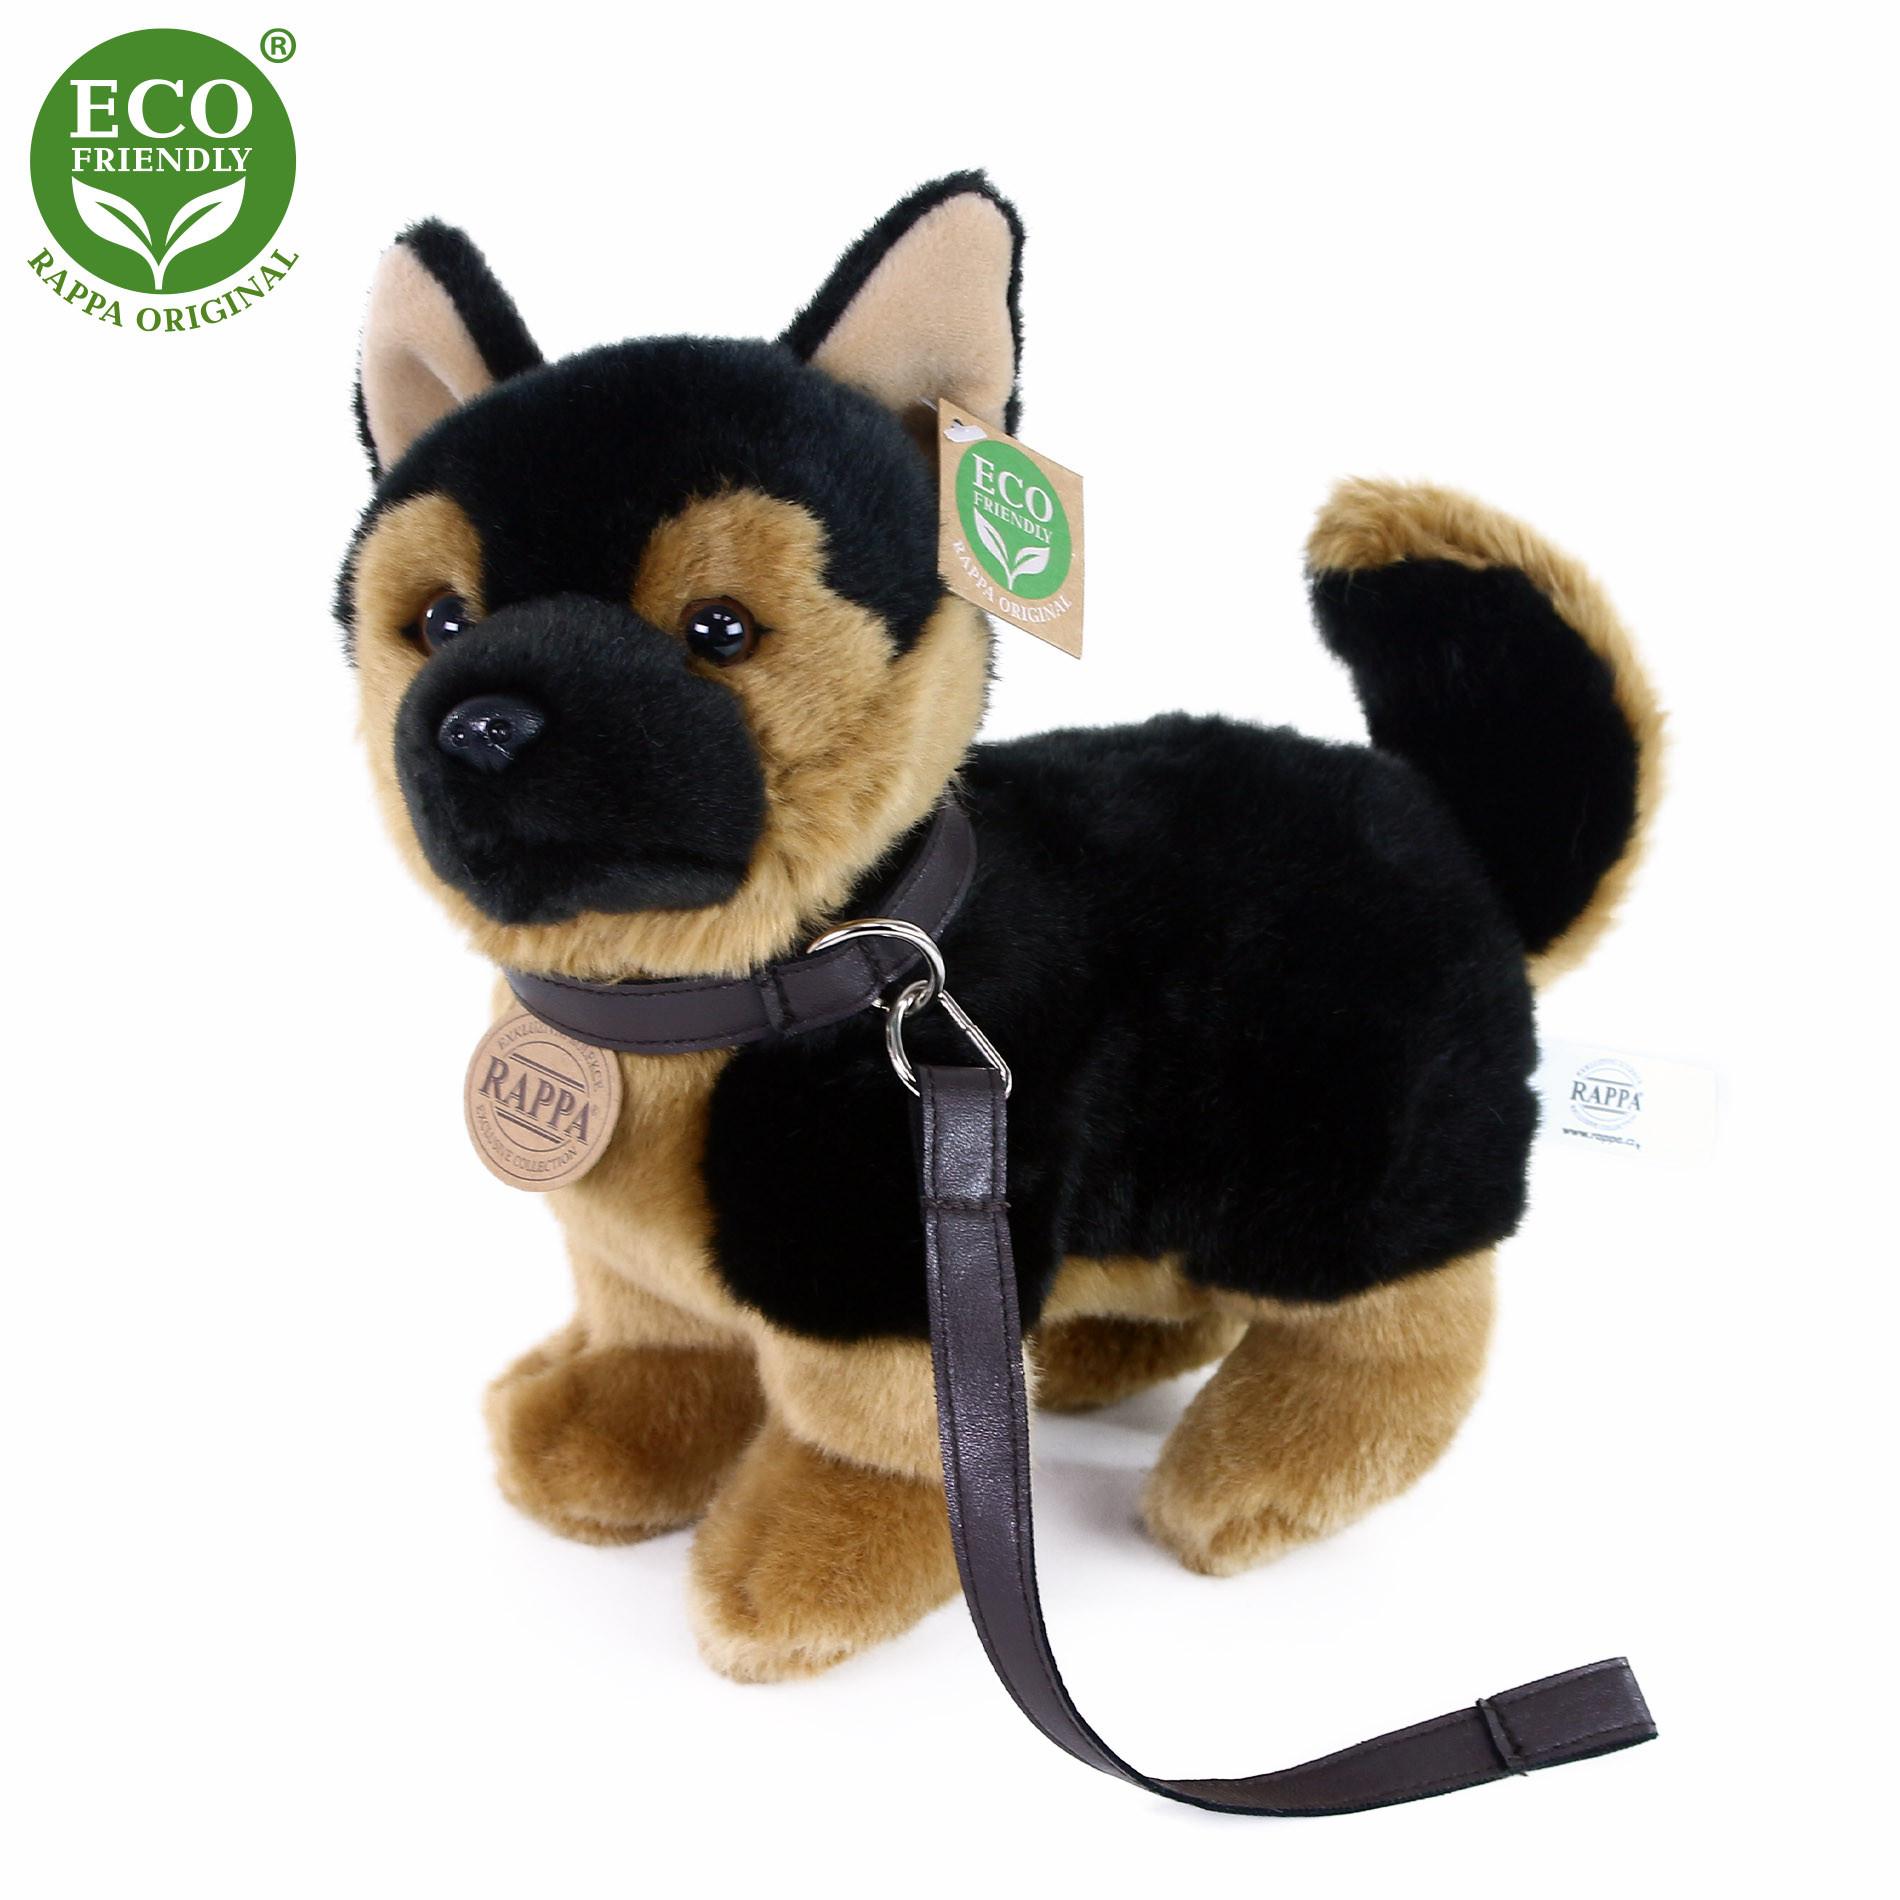 Plyšový pes německý ovčák s vodítkem  stojící 23 cm ECO-FRIENDLY